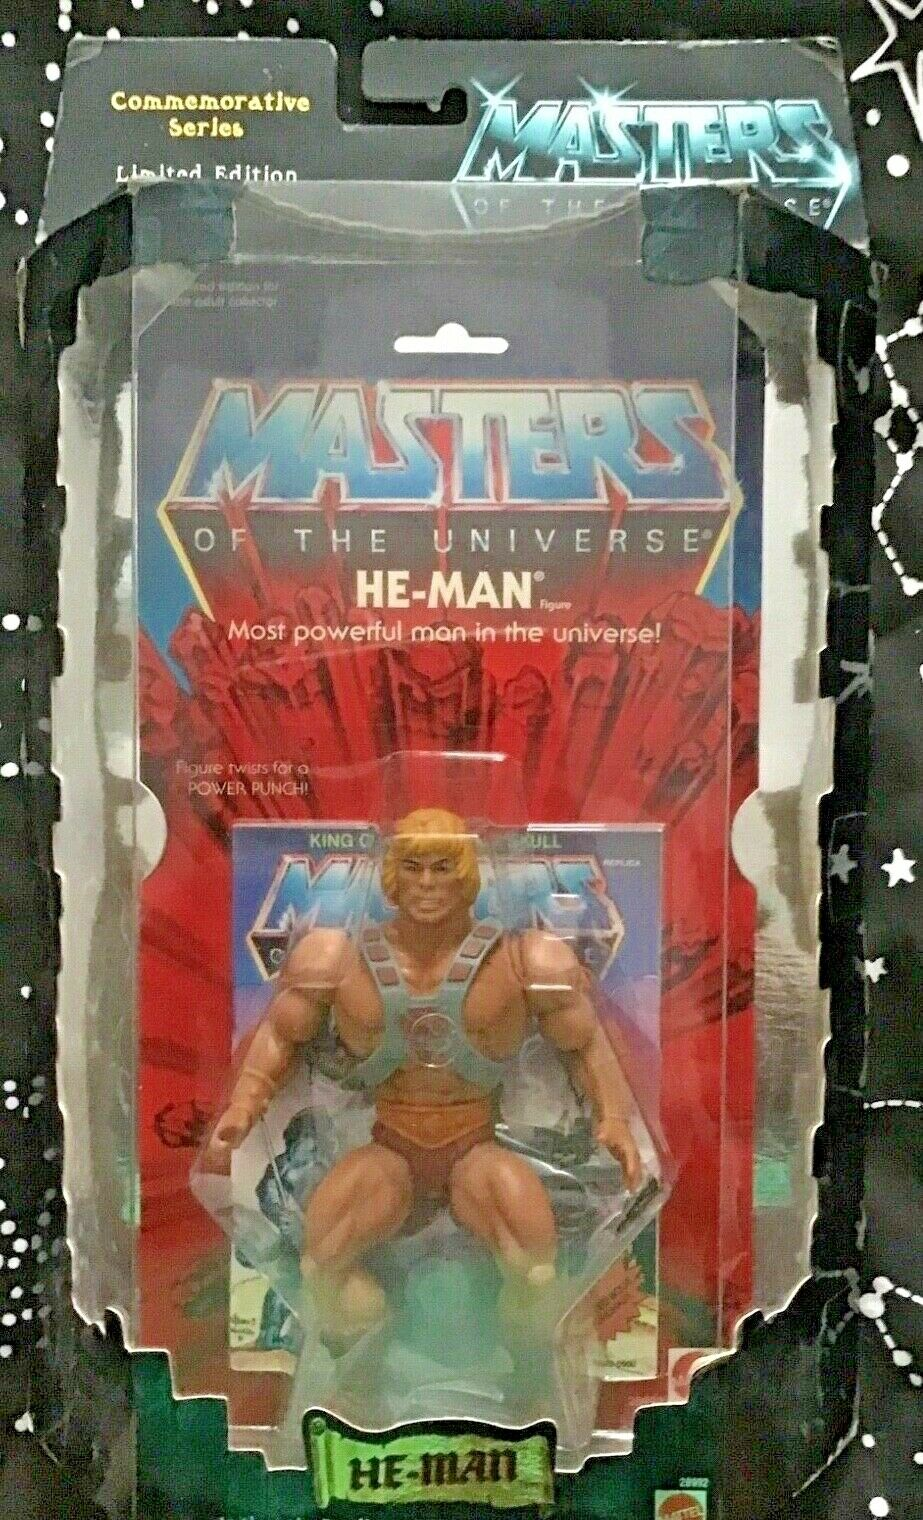 He-man Amos Del Universo Conmemorativa serie 2000 Edición Limitada 15,000